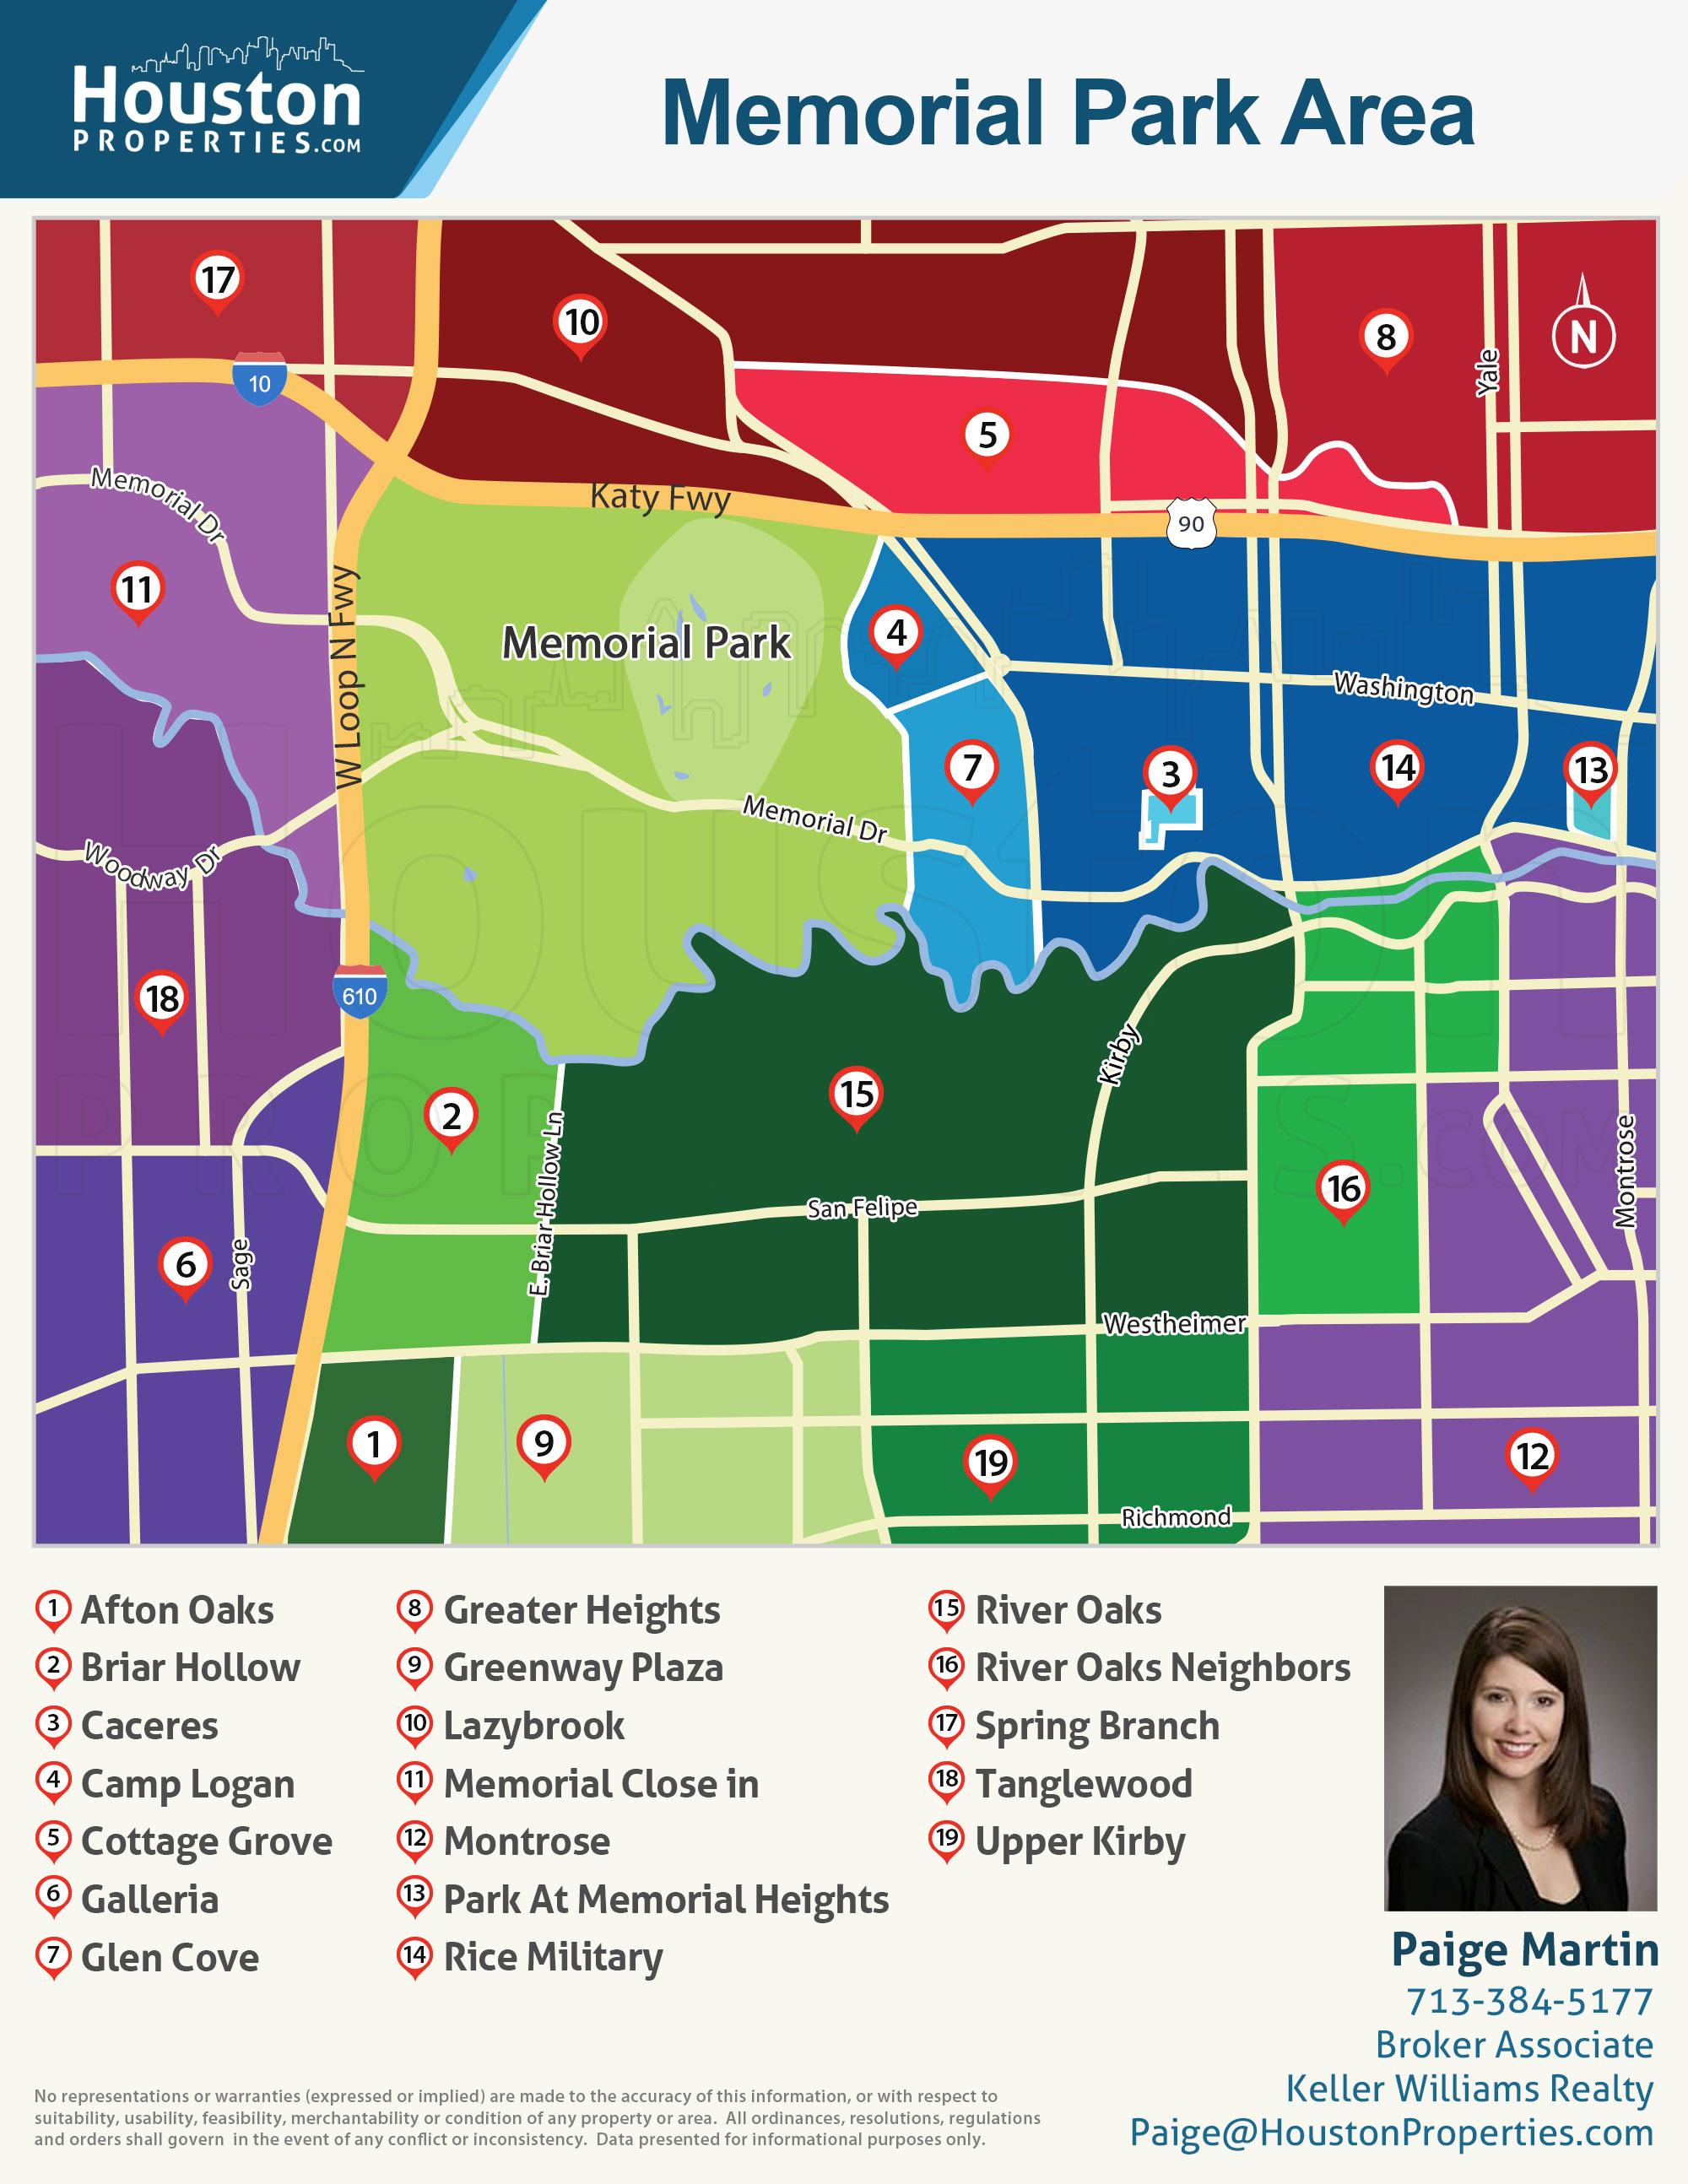 Map of Memorial Park